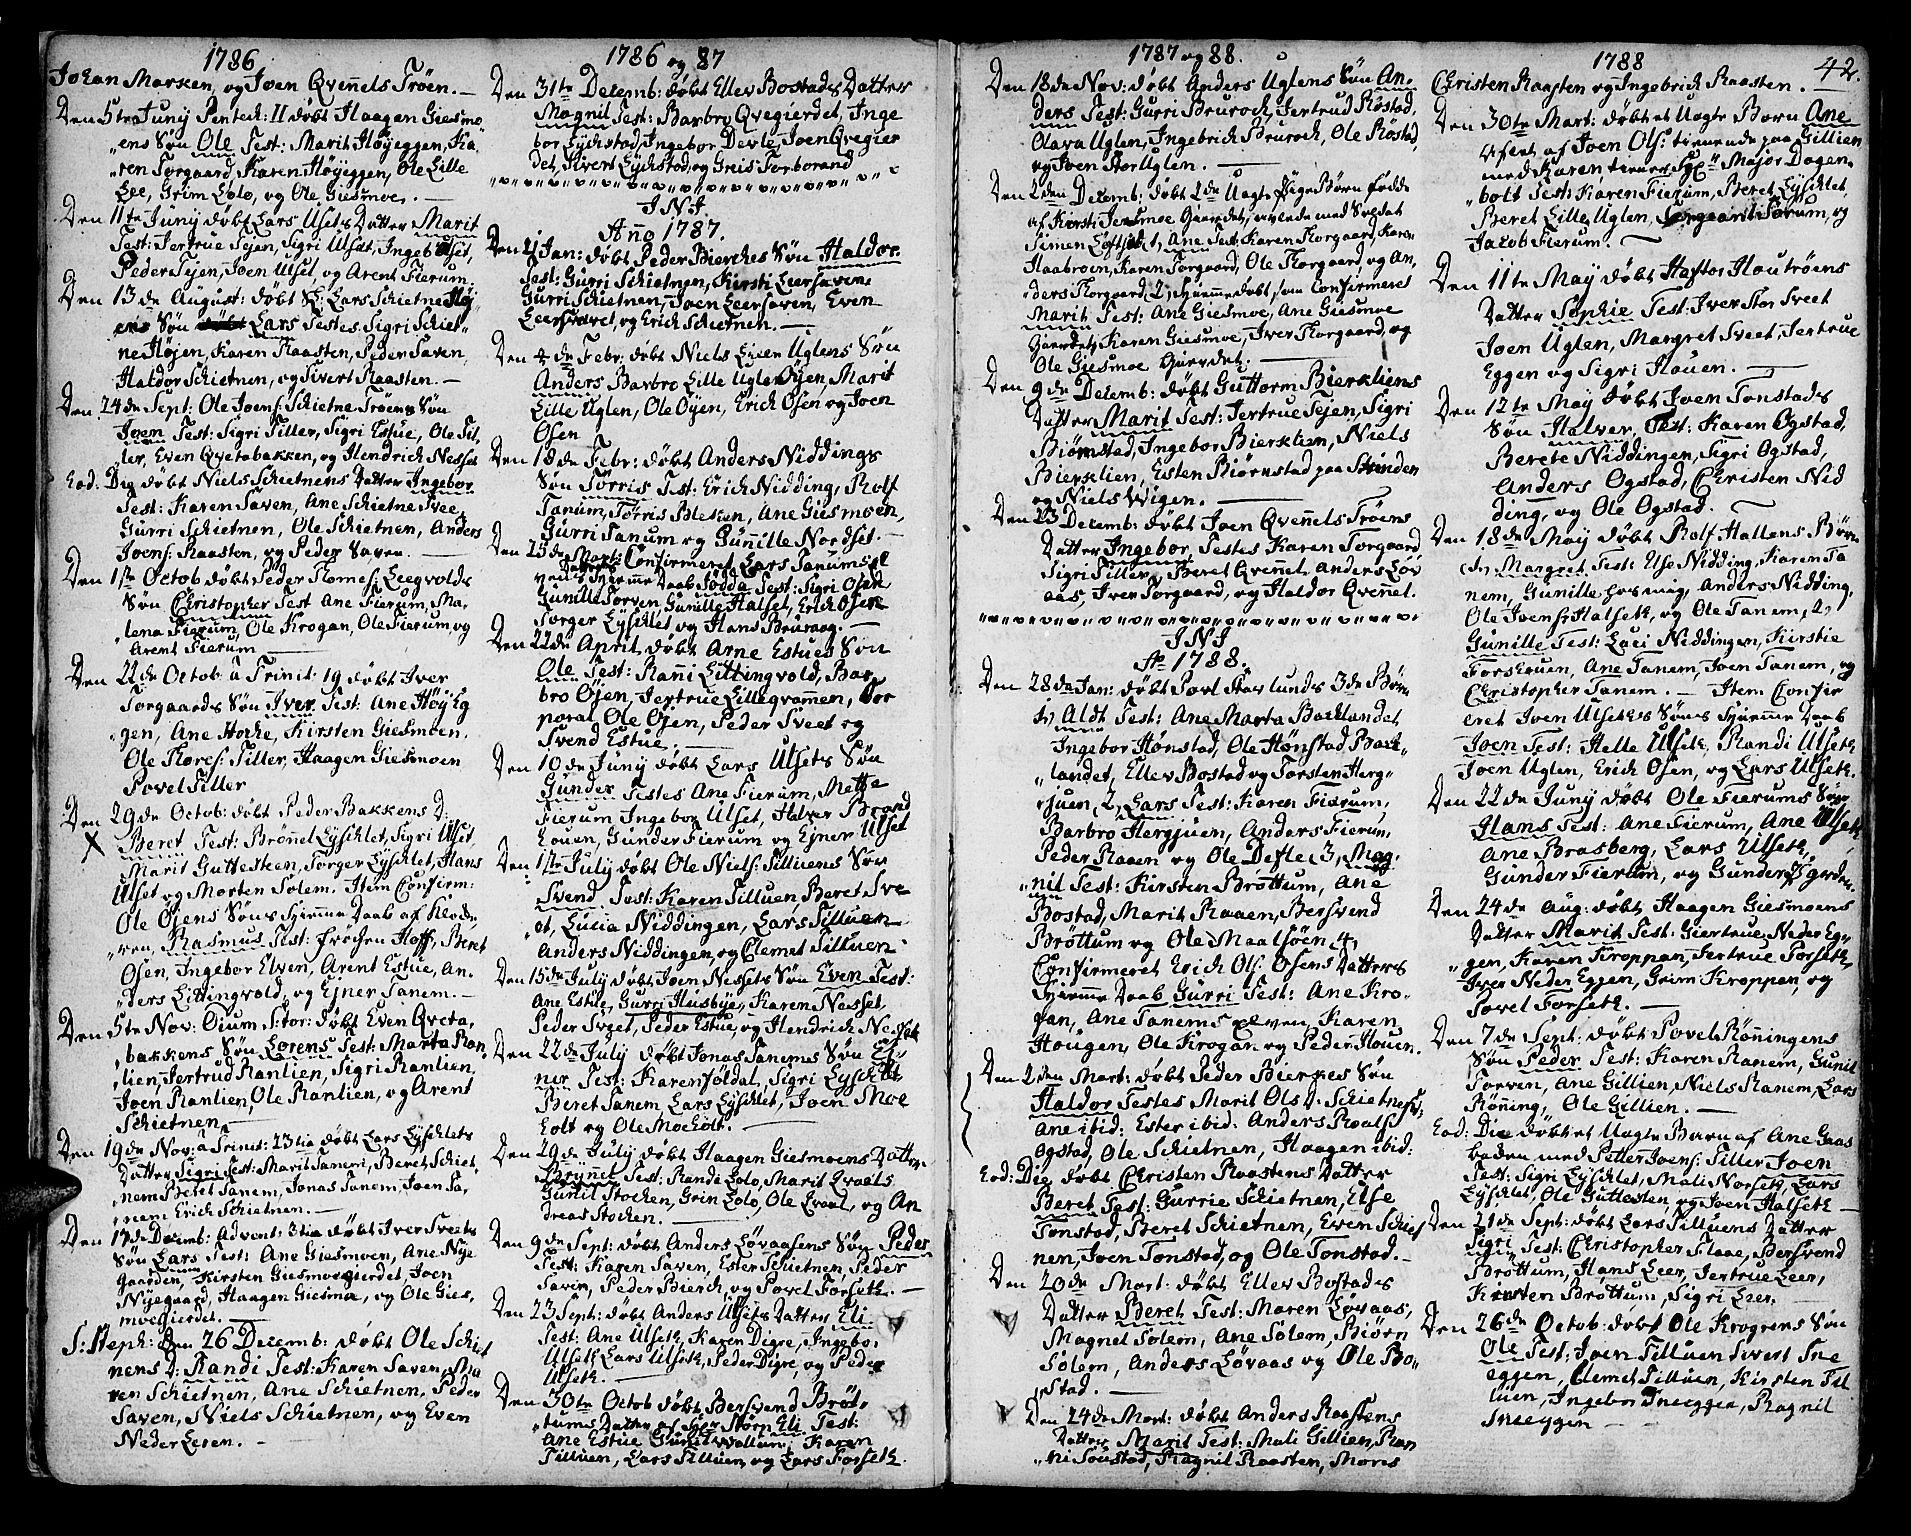 SAT, Ministerialprotokoller, klokkerbøker og fødselsregistre - Sør-Trøndelag, 618/L0438: Ministerialbok nr. 618A03, 1783-1815, s. 42